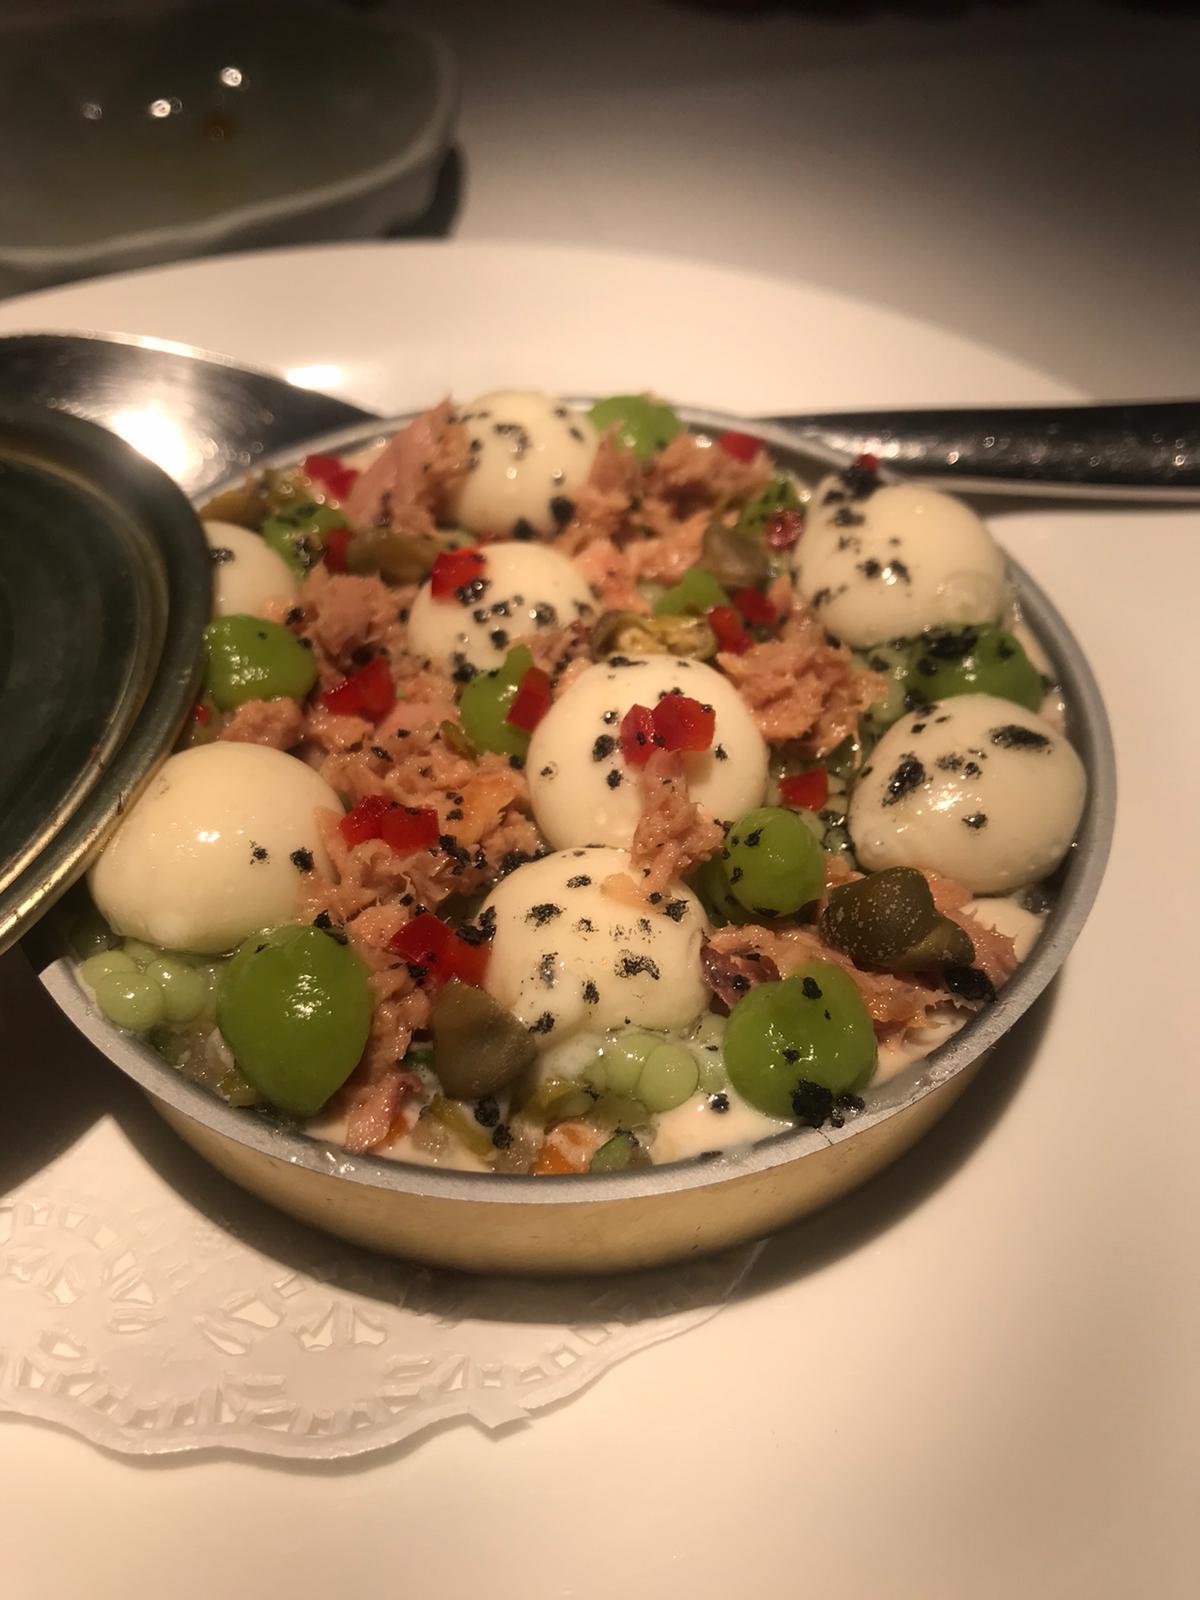 Reseñas gastronómicas: Restaurante Elordi en Villajoyosa 6